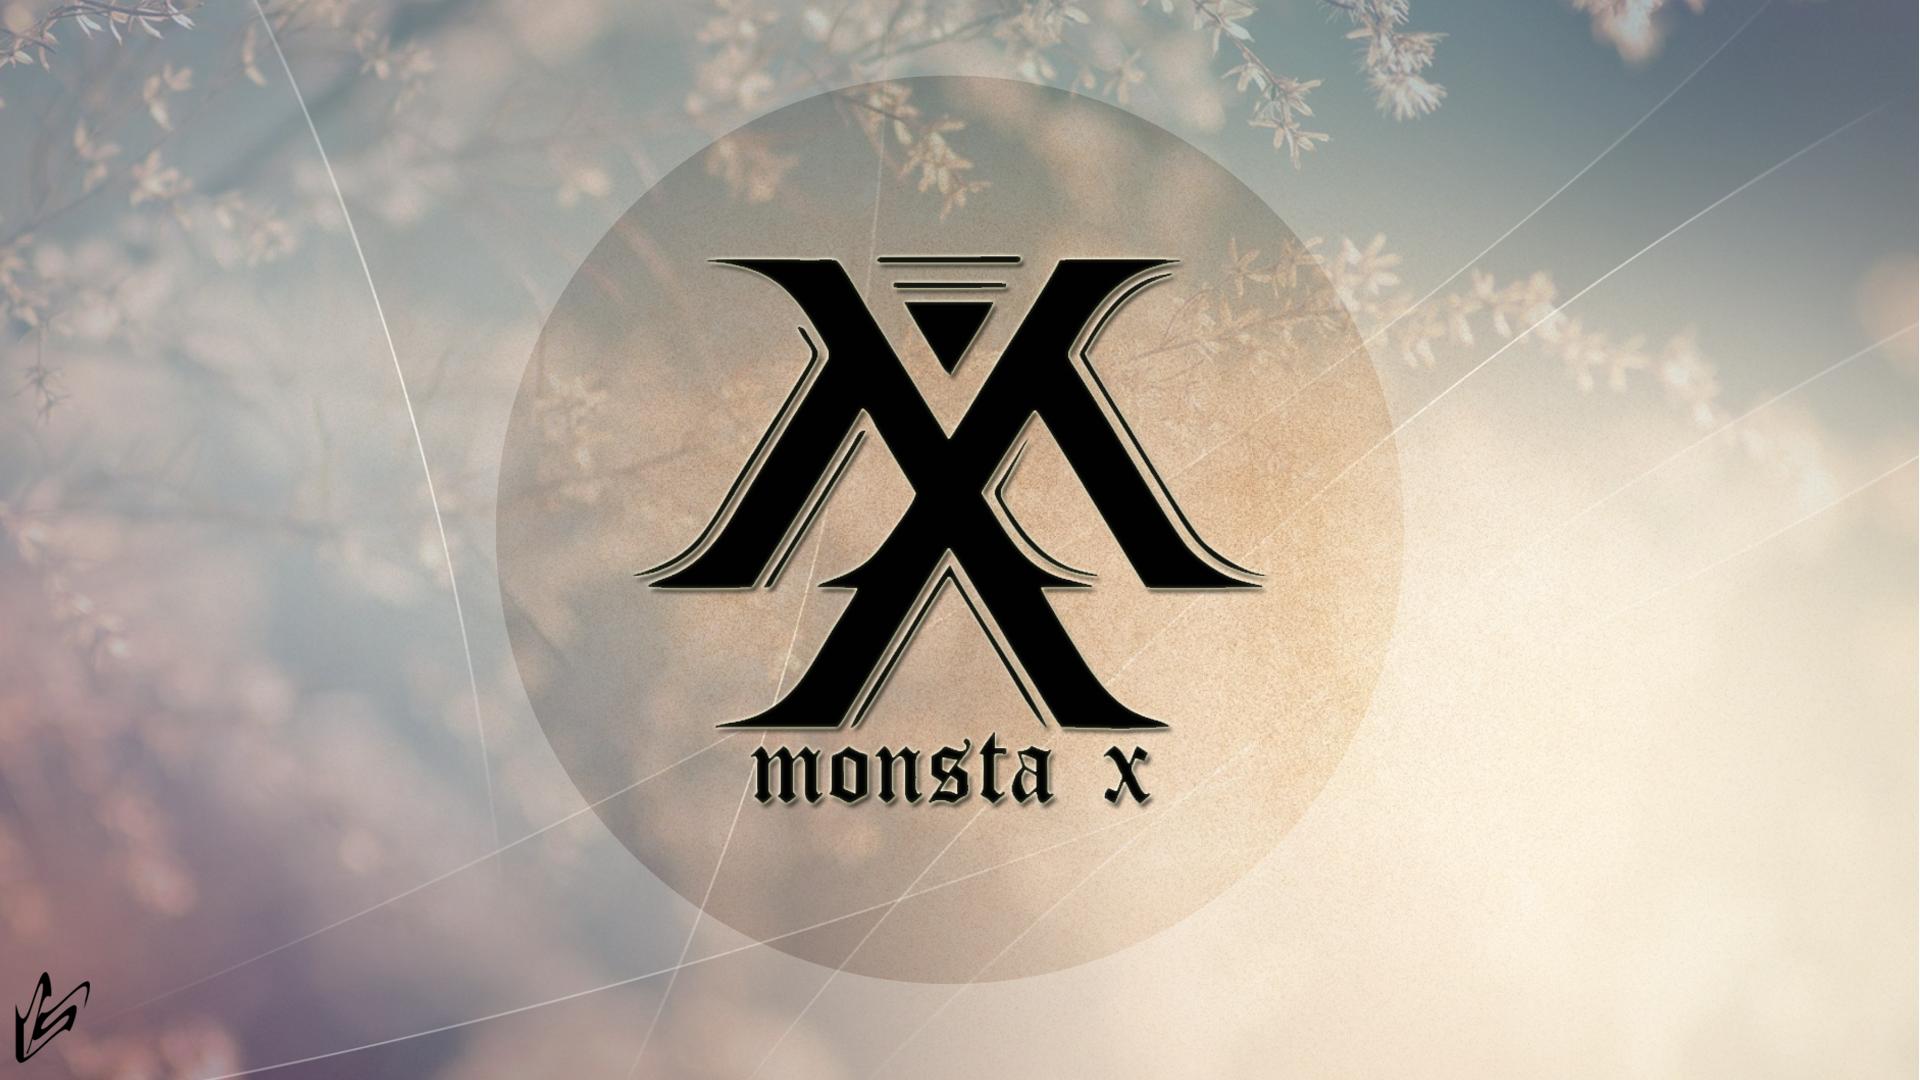 Monsta X Logos